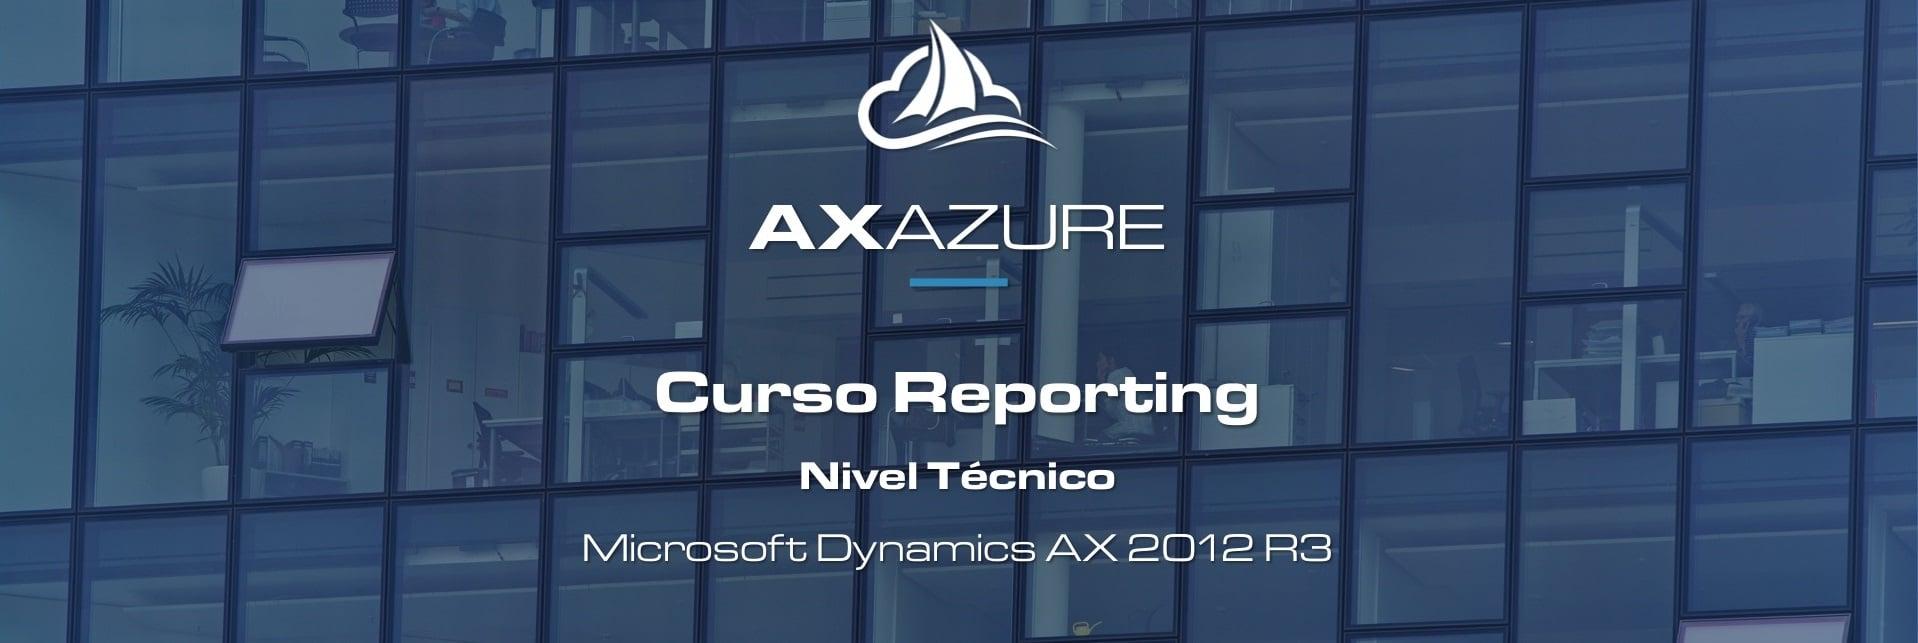 Nuevo Curso de Desarrollo en AXAZURE: Reporting con Microsoft Dynamics AX 2012 R3